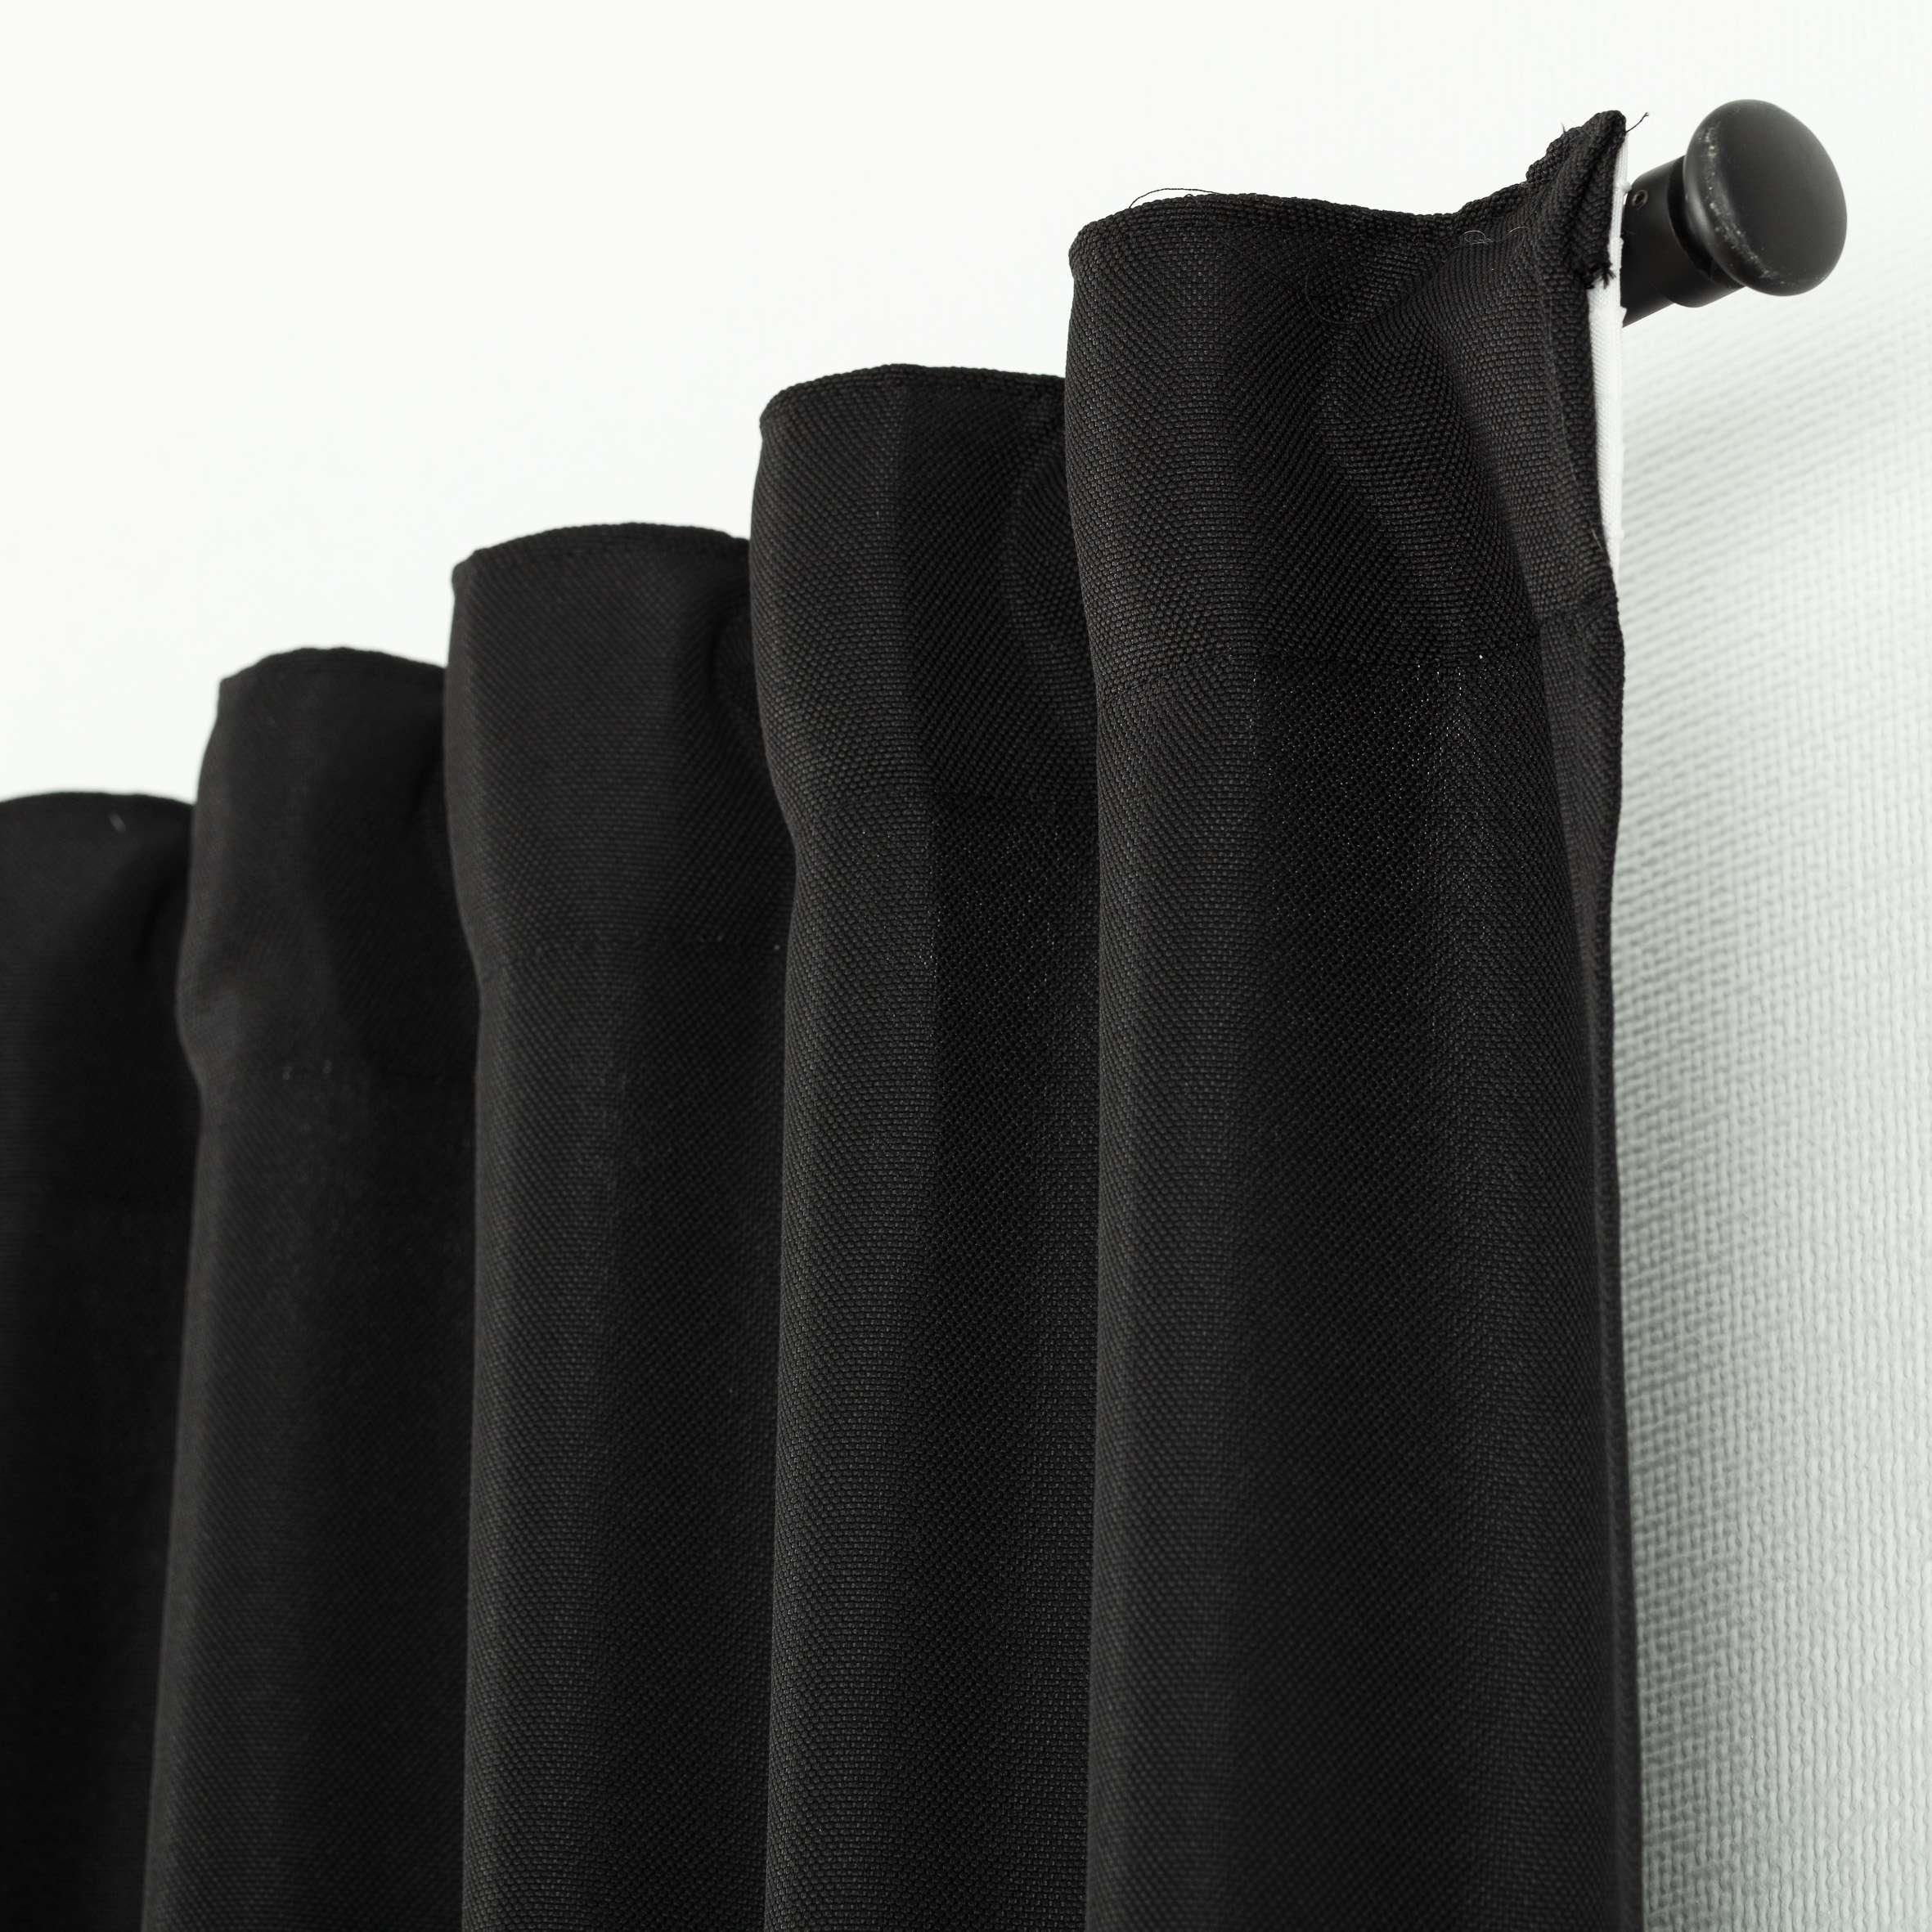 Zasłona BASIC na taśmie marszczącej 140x300cm czarny 1 szt.